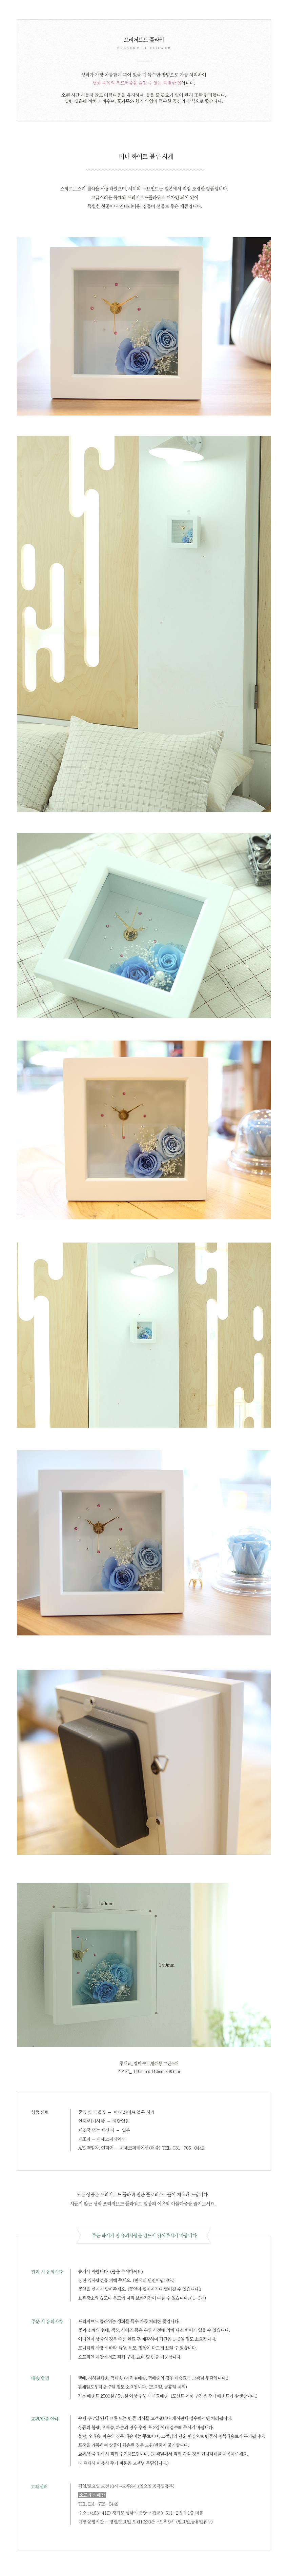 화이트 미니 블루 시계 - 프리저브드플라워, 67,500원, 알람/탁상시계, 디자인시계